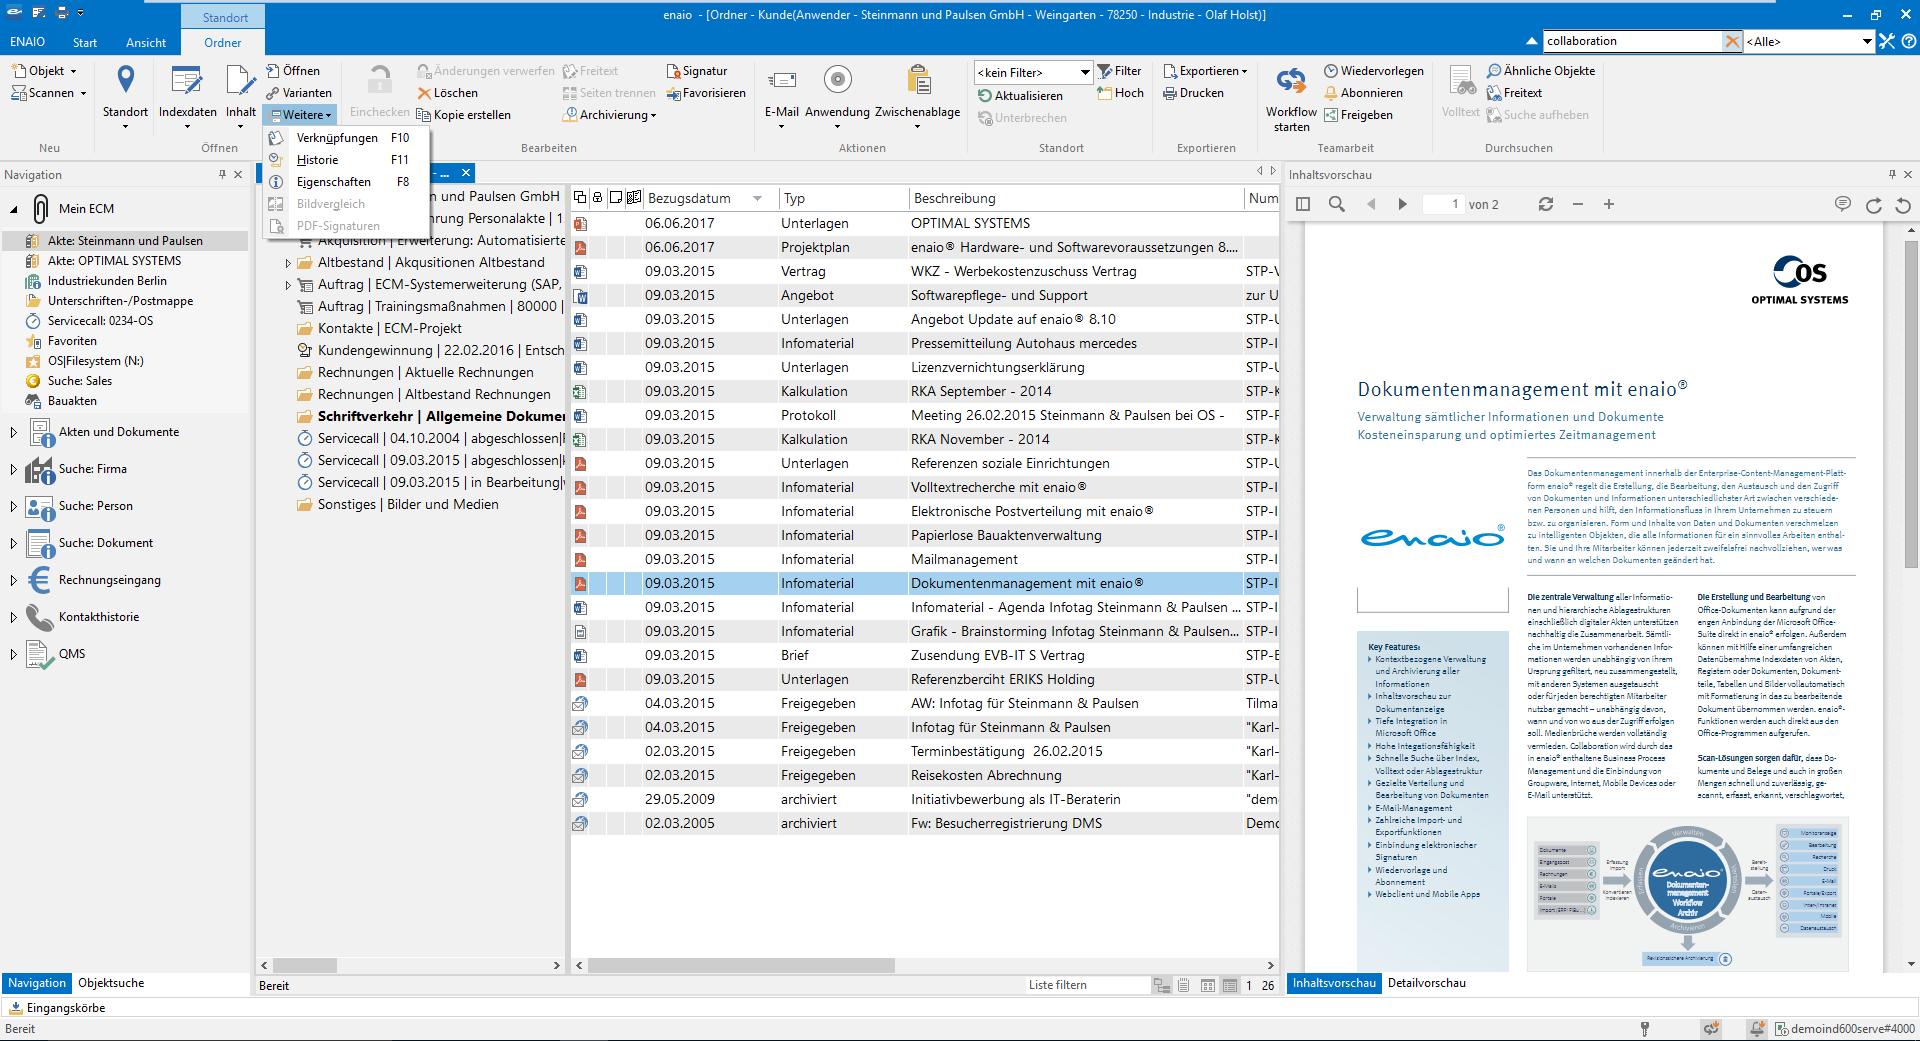 Der Screenshot zeigt wo man die Dokumentenhistorie im Compliance Management aufrufen kann